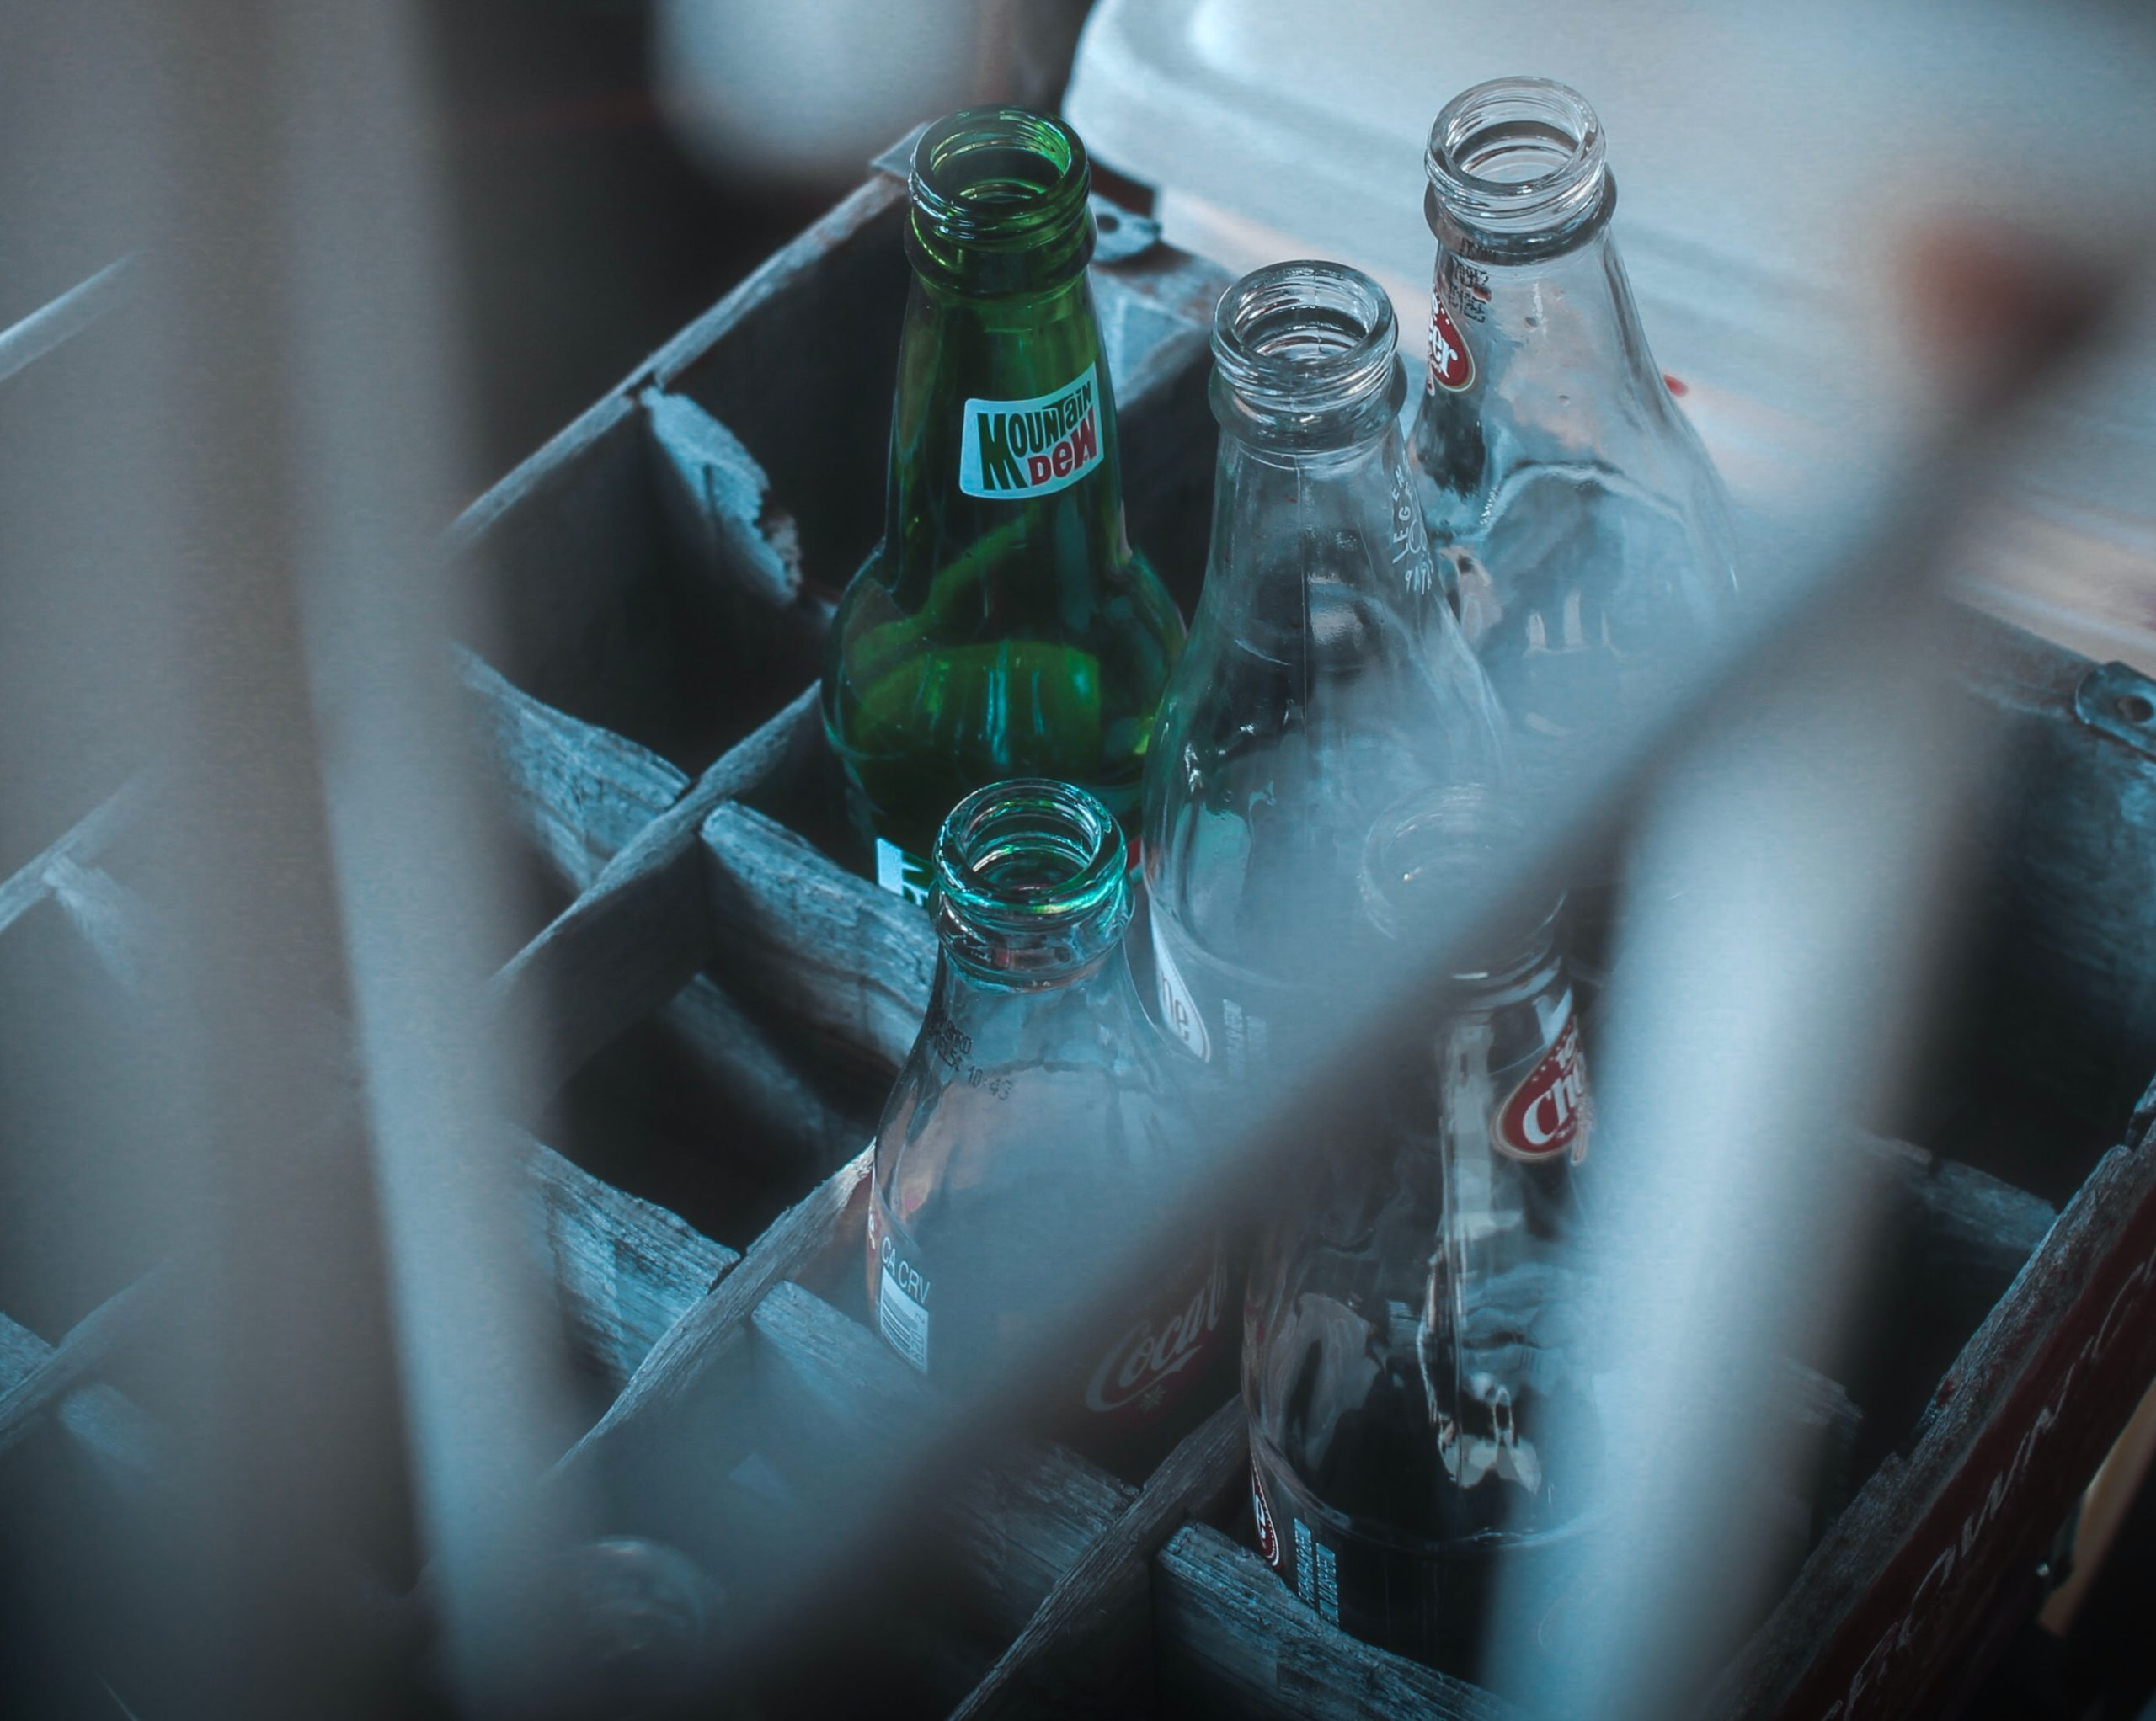 empty coldrink bottles